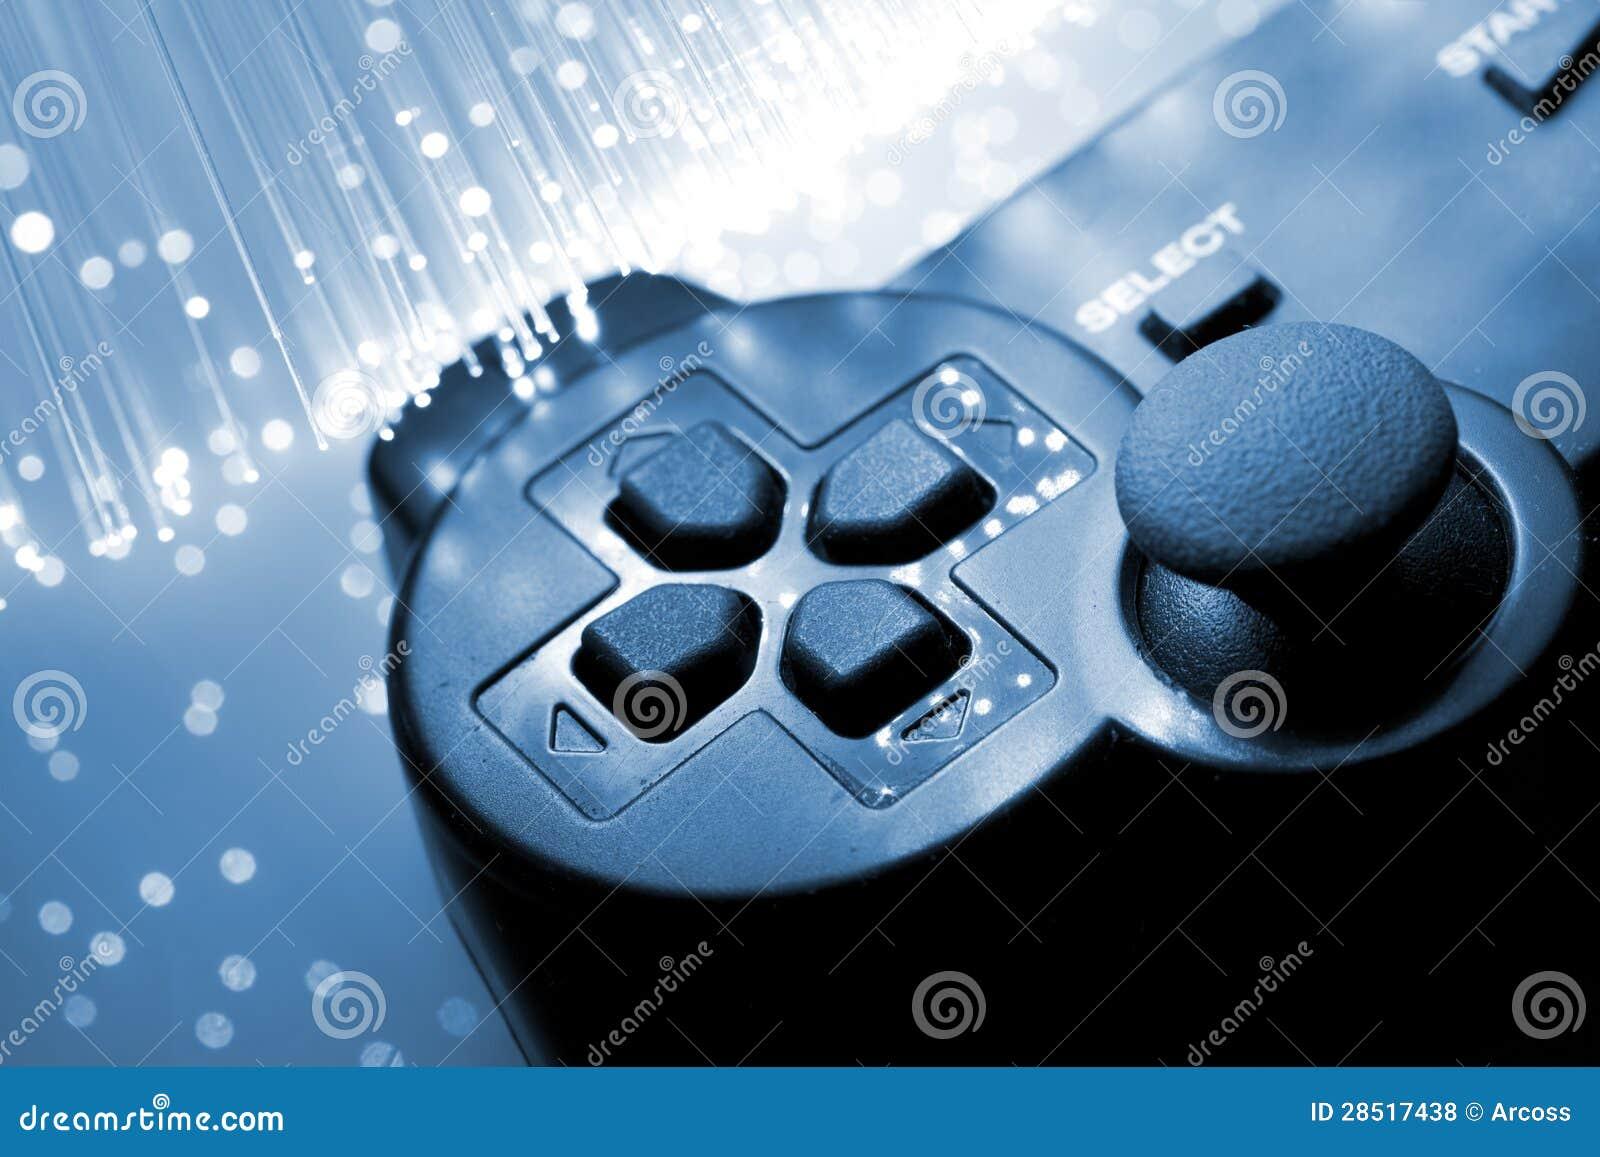 Le contrôleur de jeu a modifié la tonalité le bleu